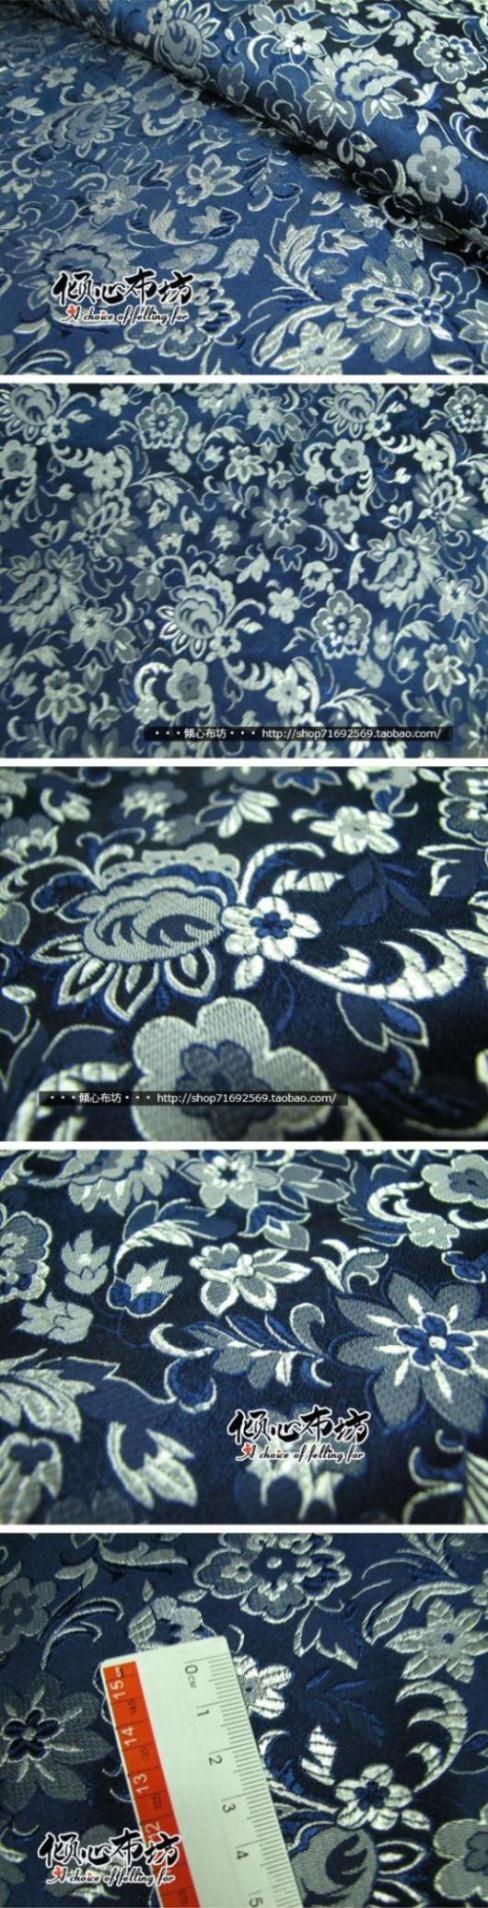 Этнической цветочные темно синий парчи ткань / шелковый атлас китайский стиль ткань / чонсам костюм одеждакупить в магазине DIAN FABRICнаAliExpress